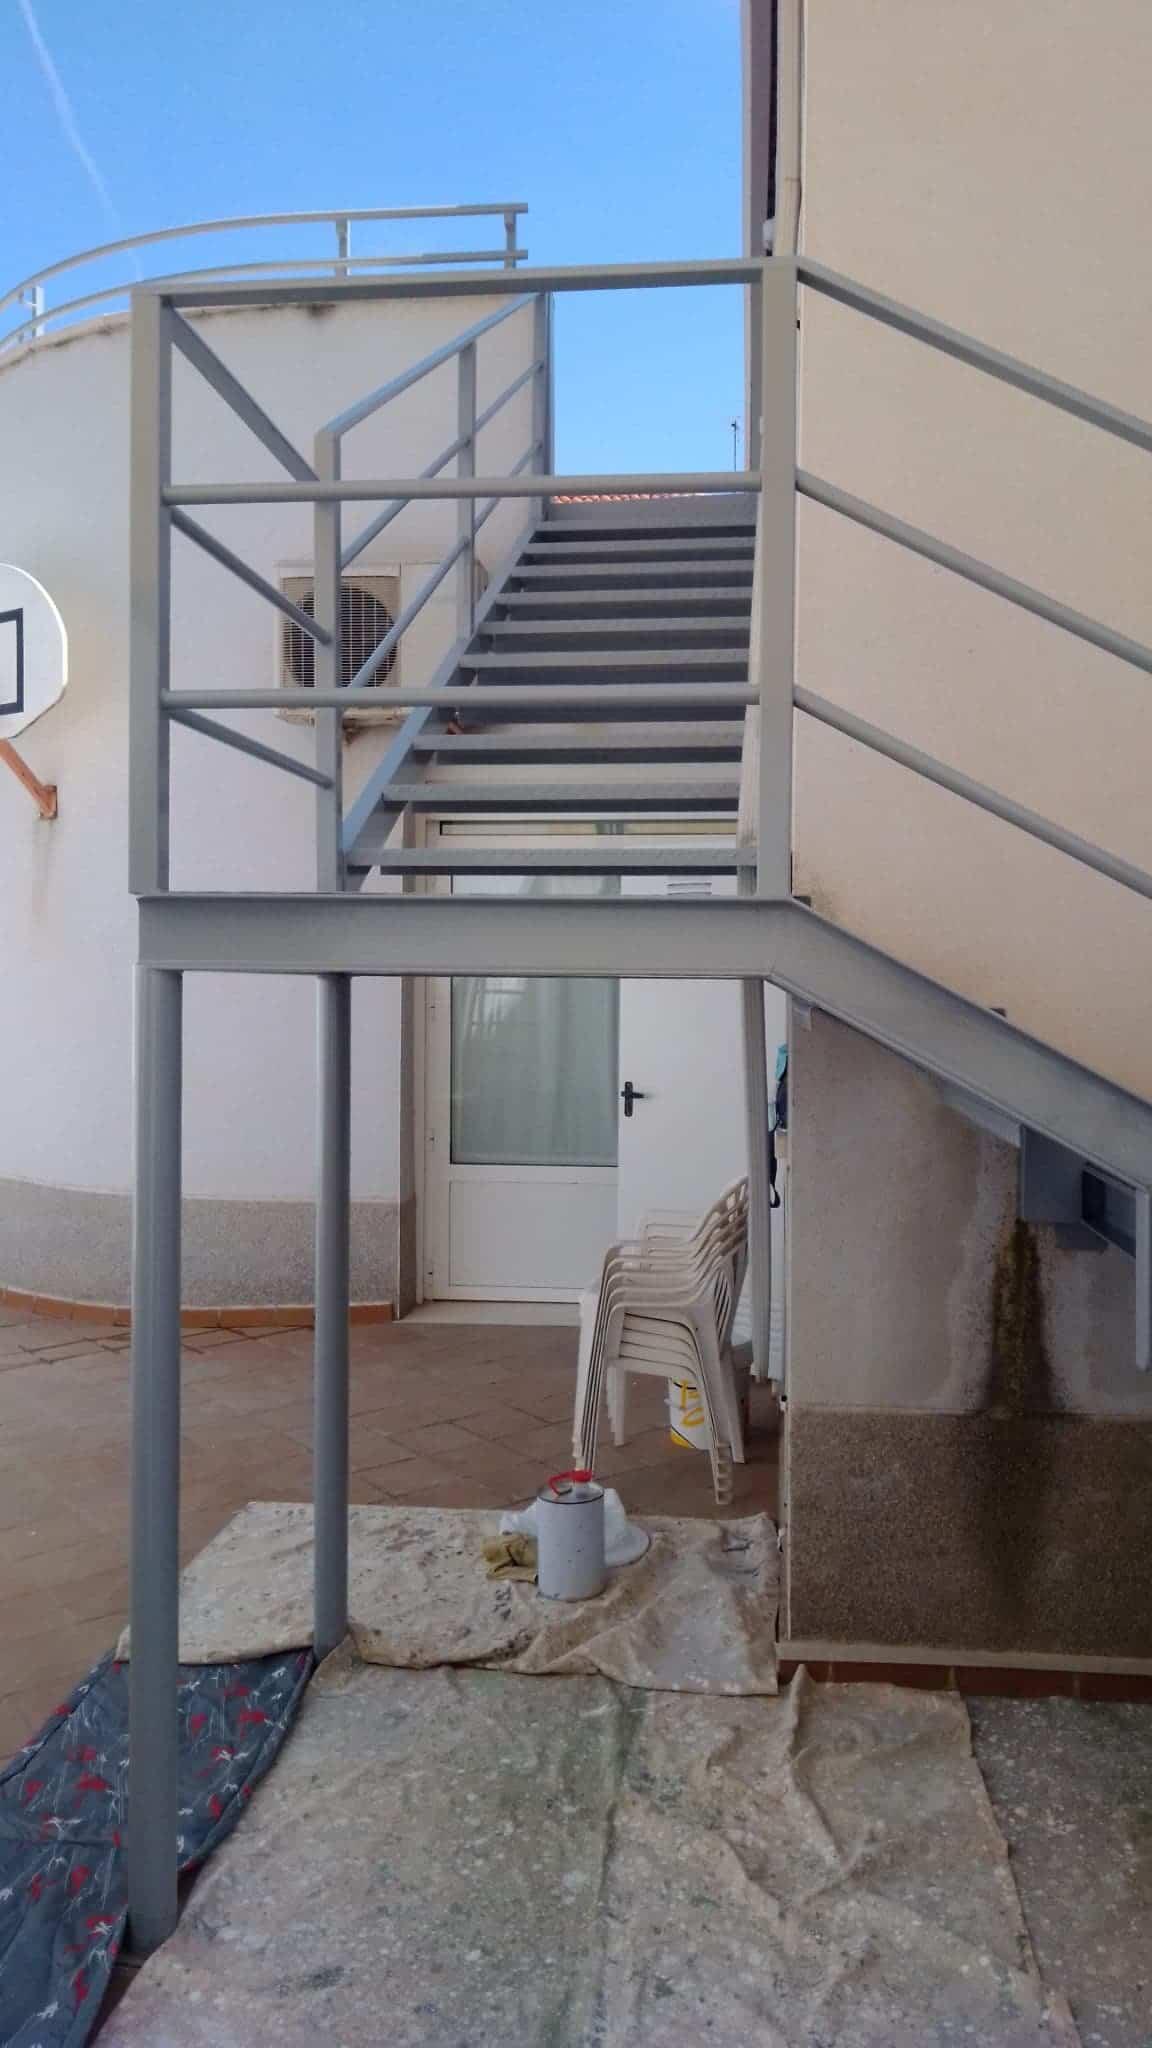 mejoras en centro ocupacional picazuelo herencia - Herencia continua realizando mejoras, limpiezas y recogiendo residuos